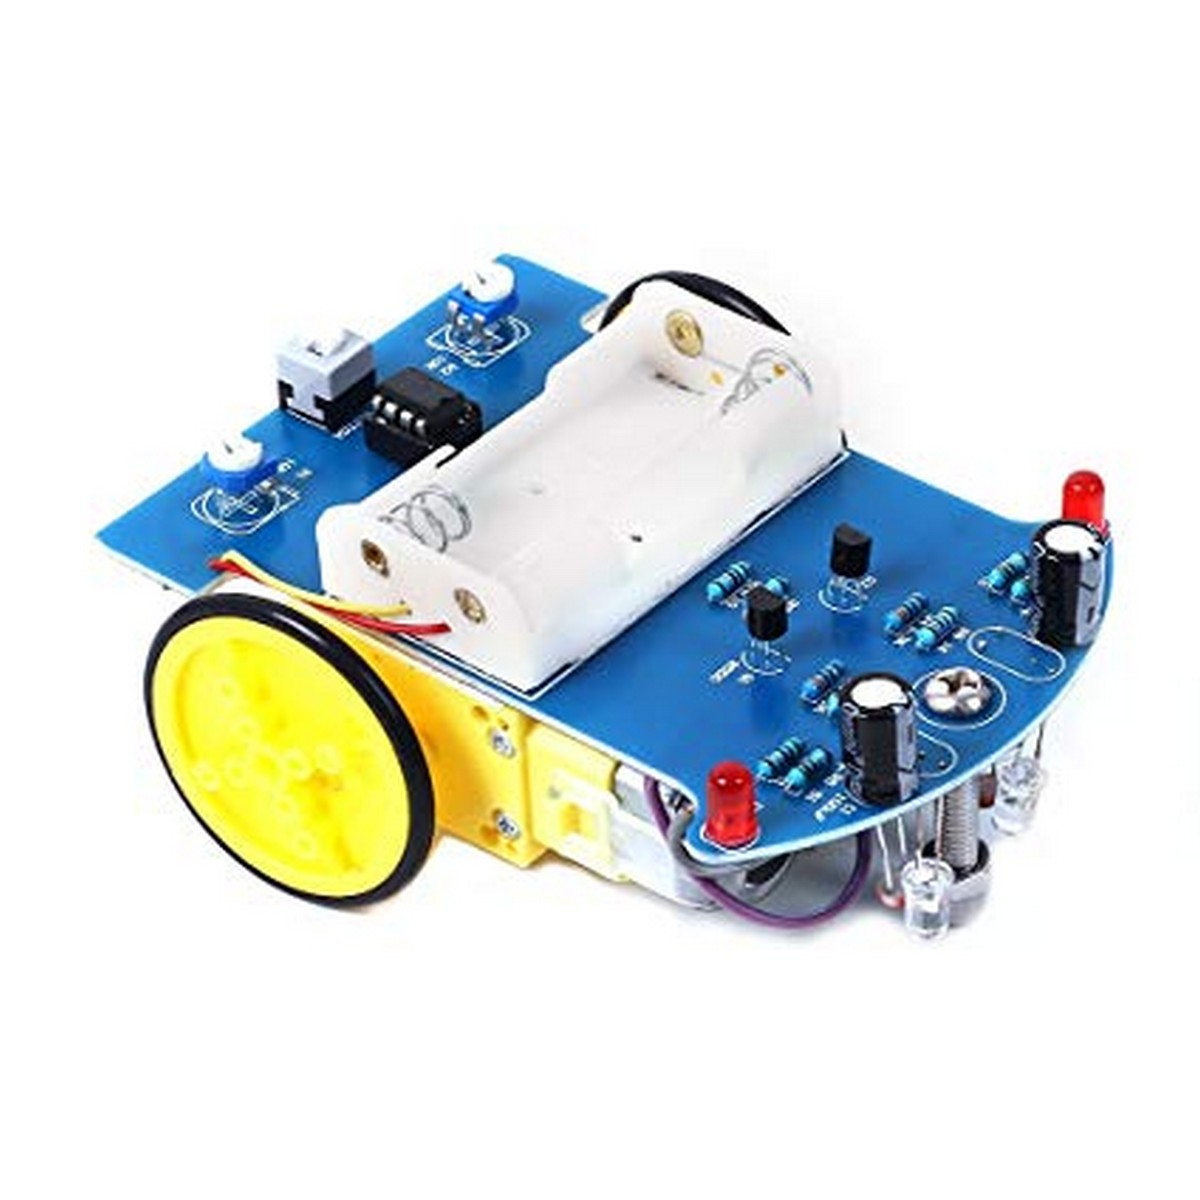 DIY Smart line Following Robotic Car Kit